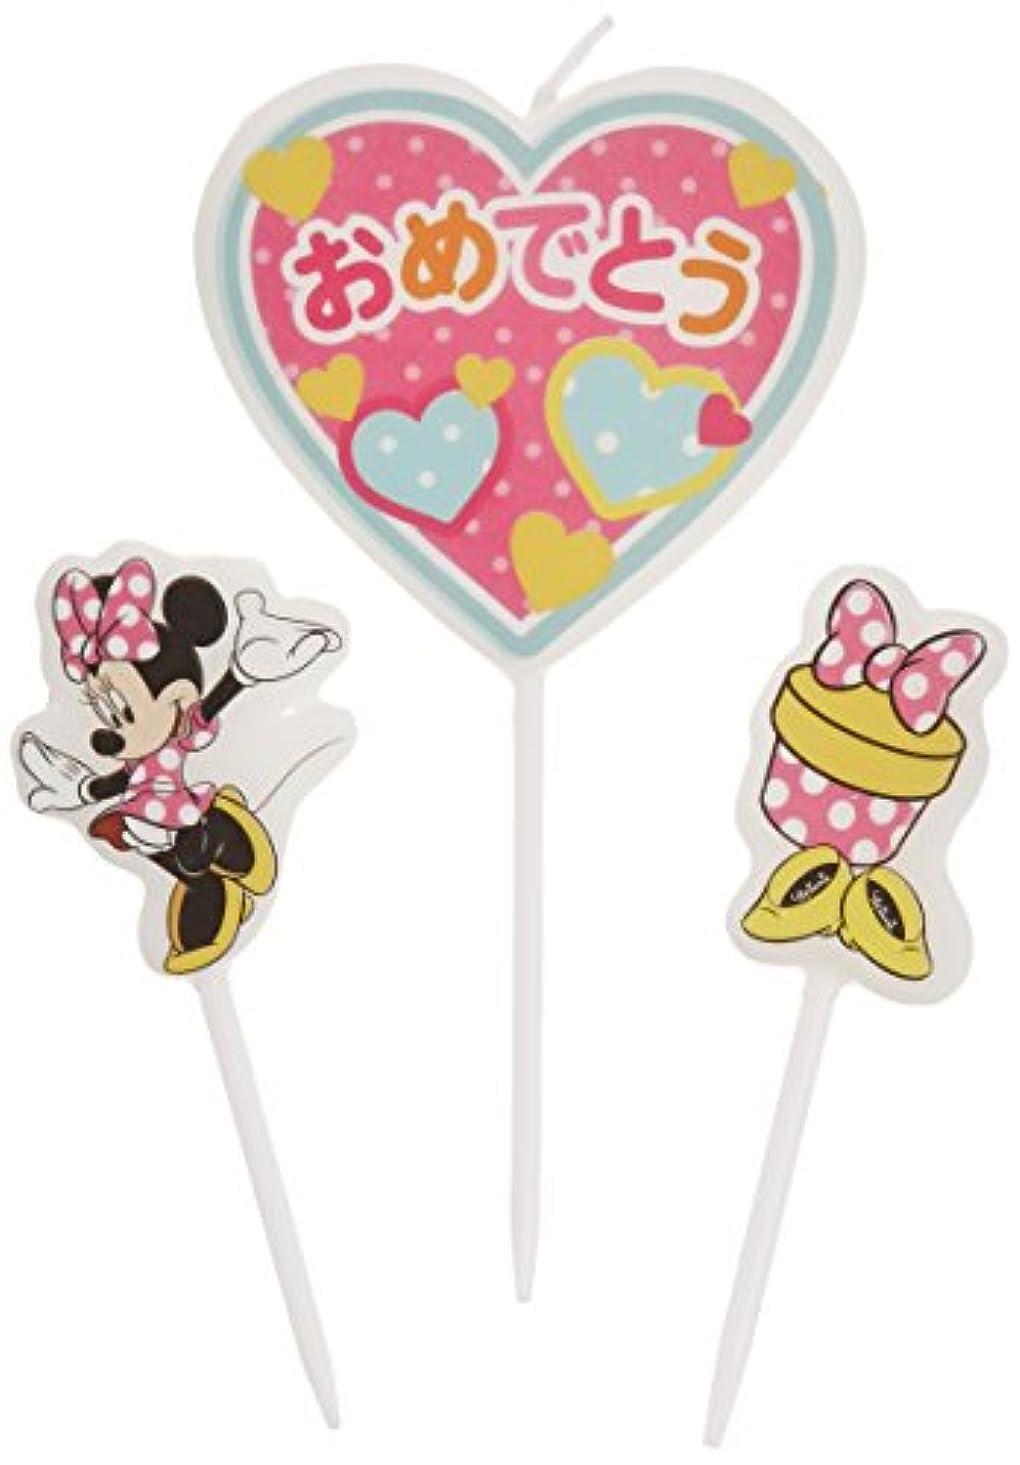 登録無謀メイドディズニーパーティーキャンドル【ケーキ用キャンドル】 「 ミニー 」